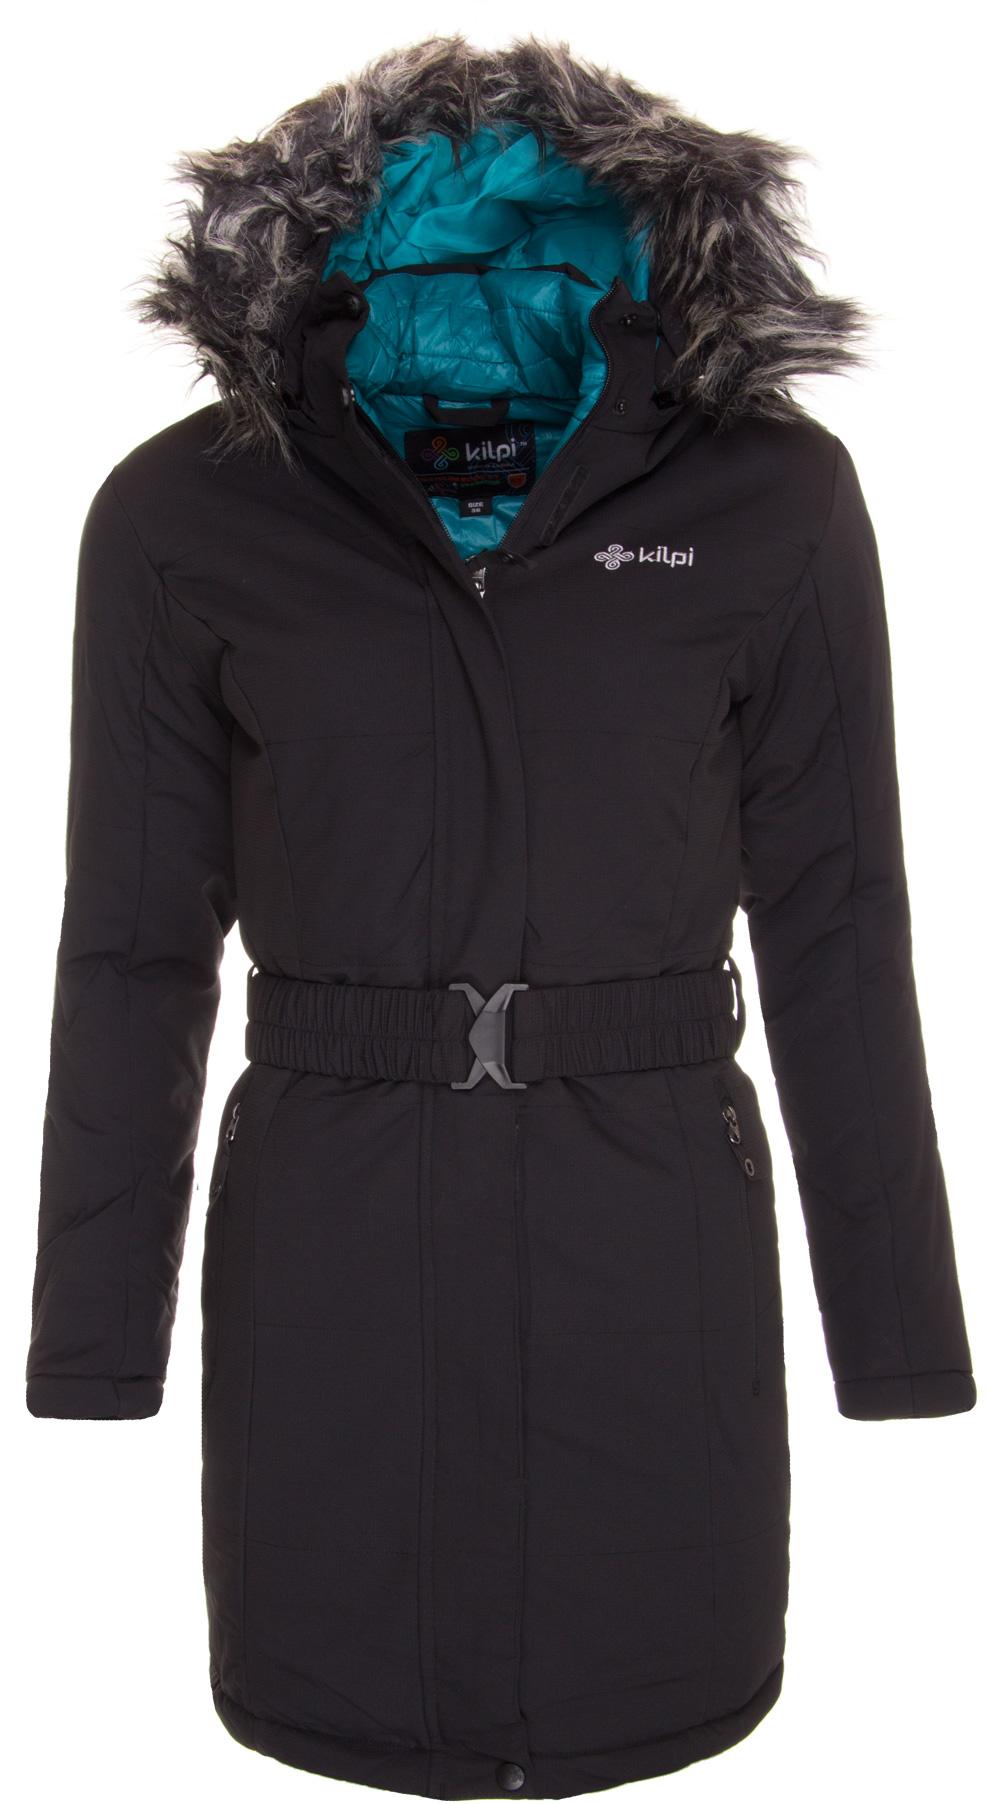 Zimní kabát dámský Kilpi KETO-W